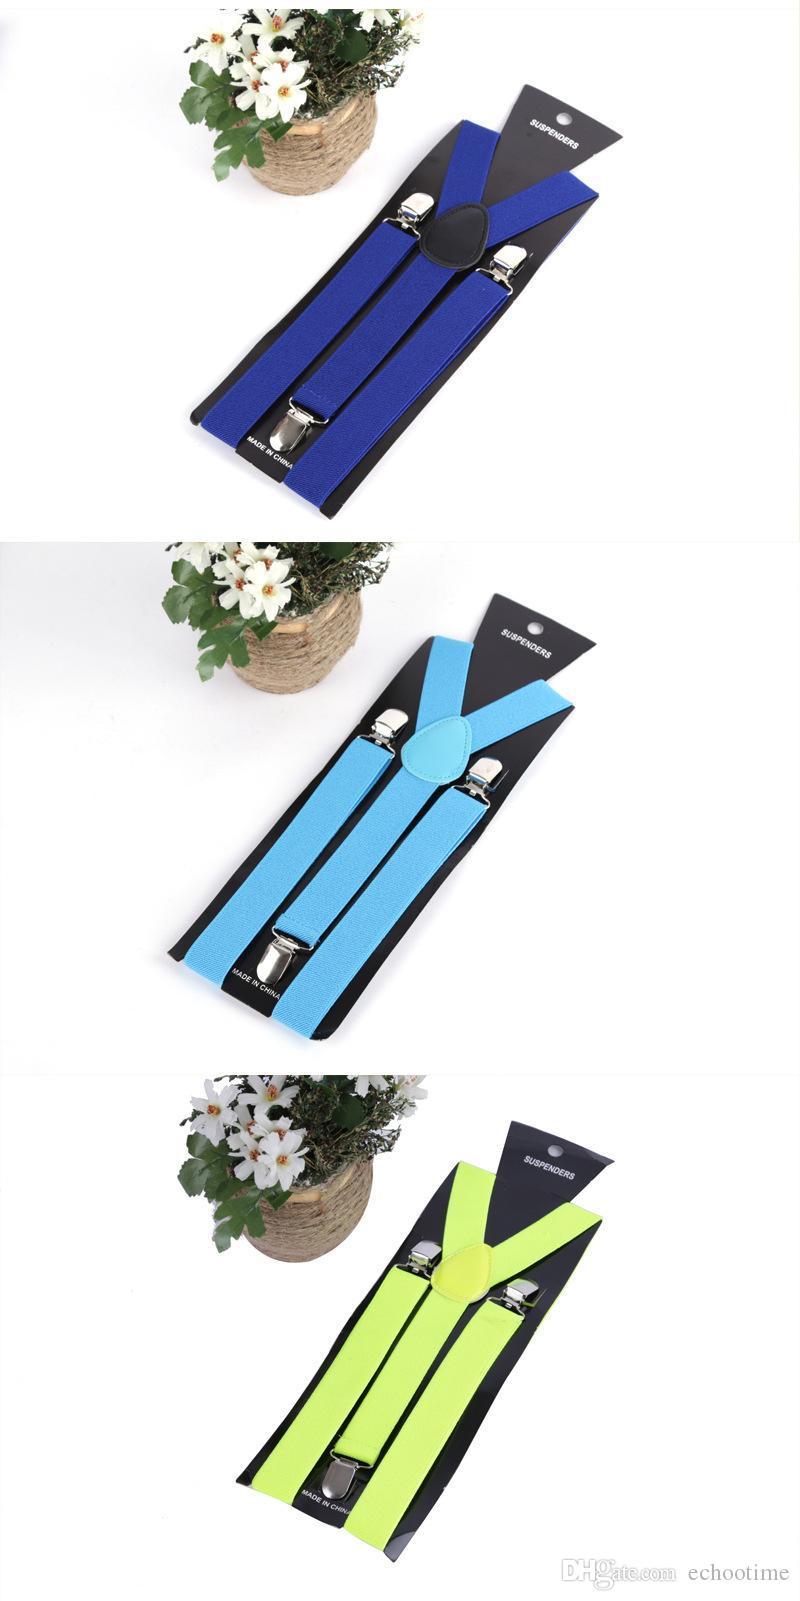 Haute Qualité De Couleur De Sucrerie Unisexe Réglable Pantalon Y-retour Jarretelle Brace Élastique Clip-on Ceinture Réglable Bretelles Bretelles